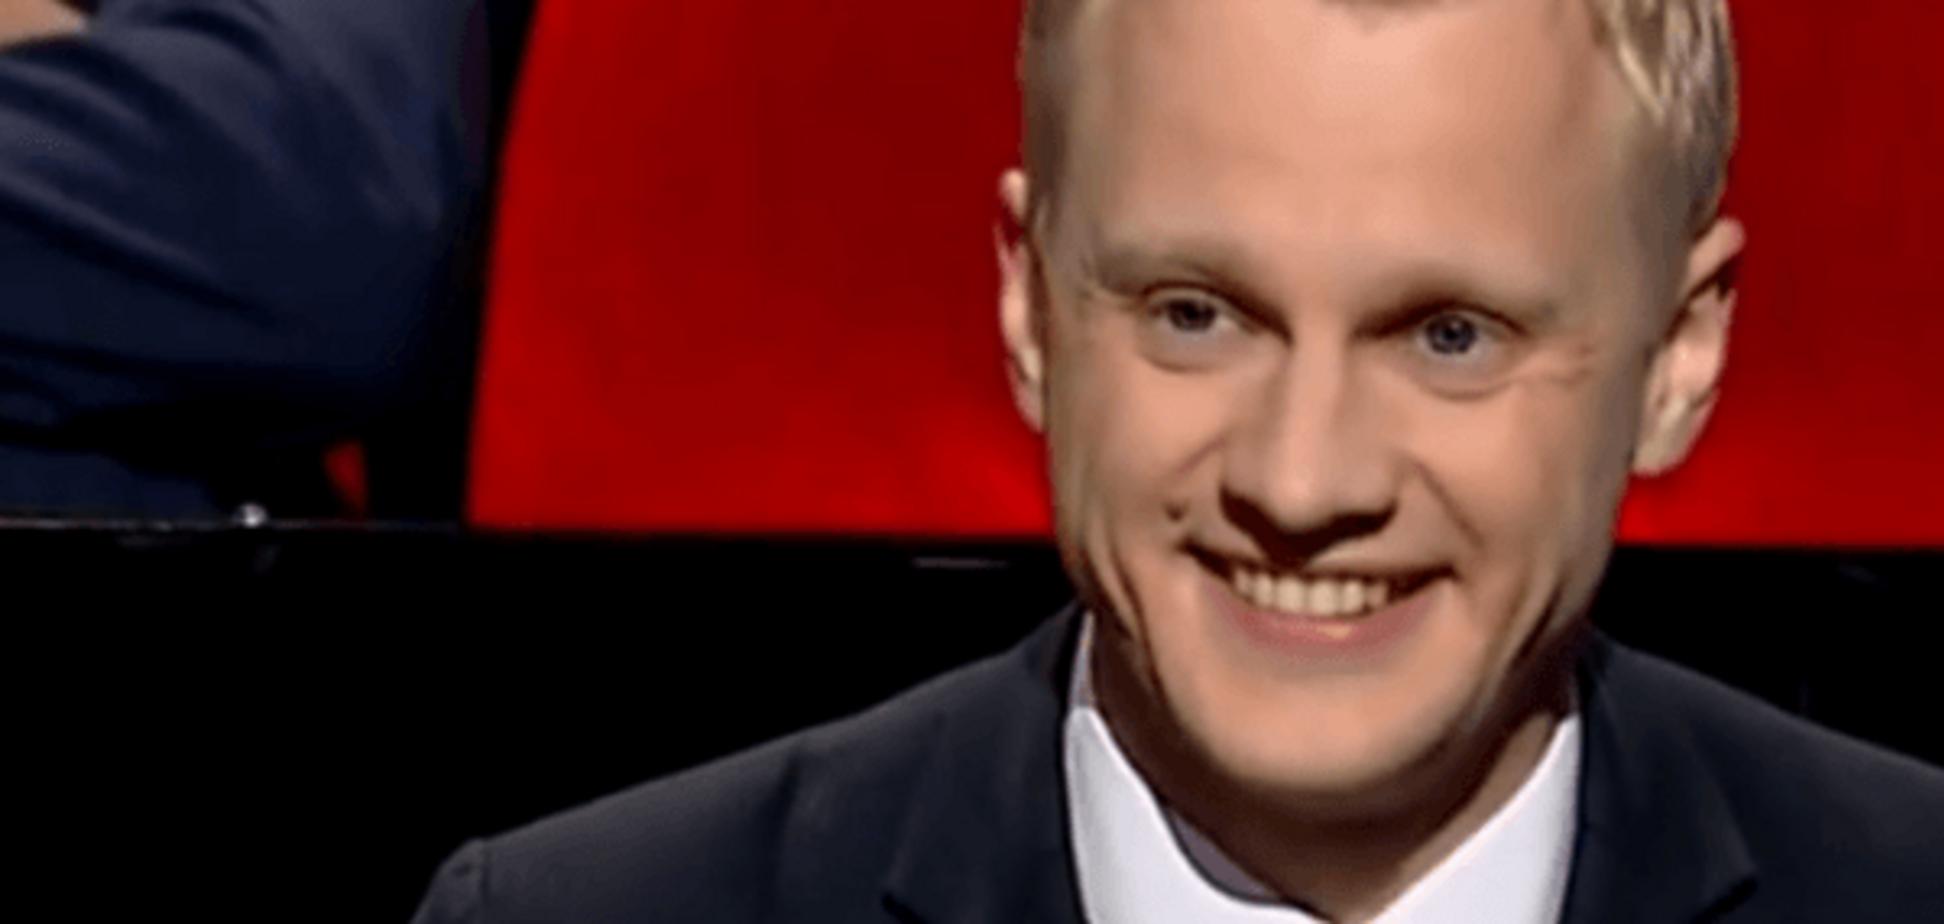 'Грантові гроші' та 'складіть мандат': Шабуніна на ток-шоу звинуватили в ухиленні від податків. Відеофакт